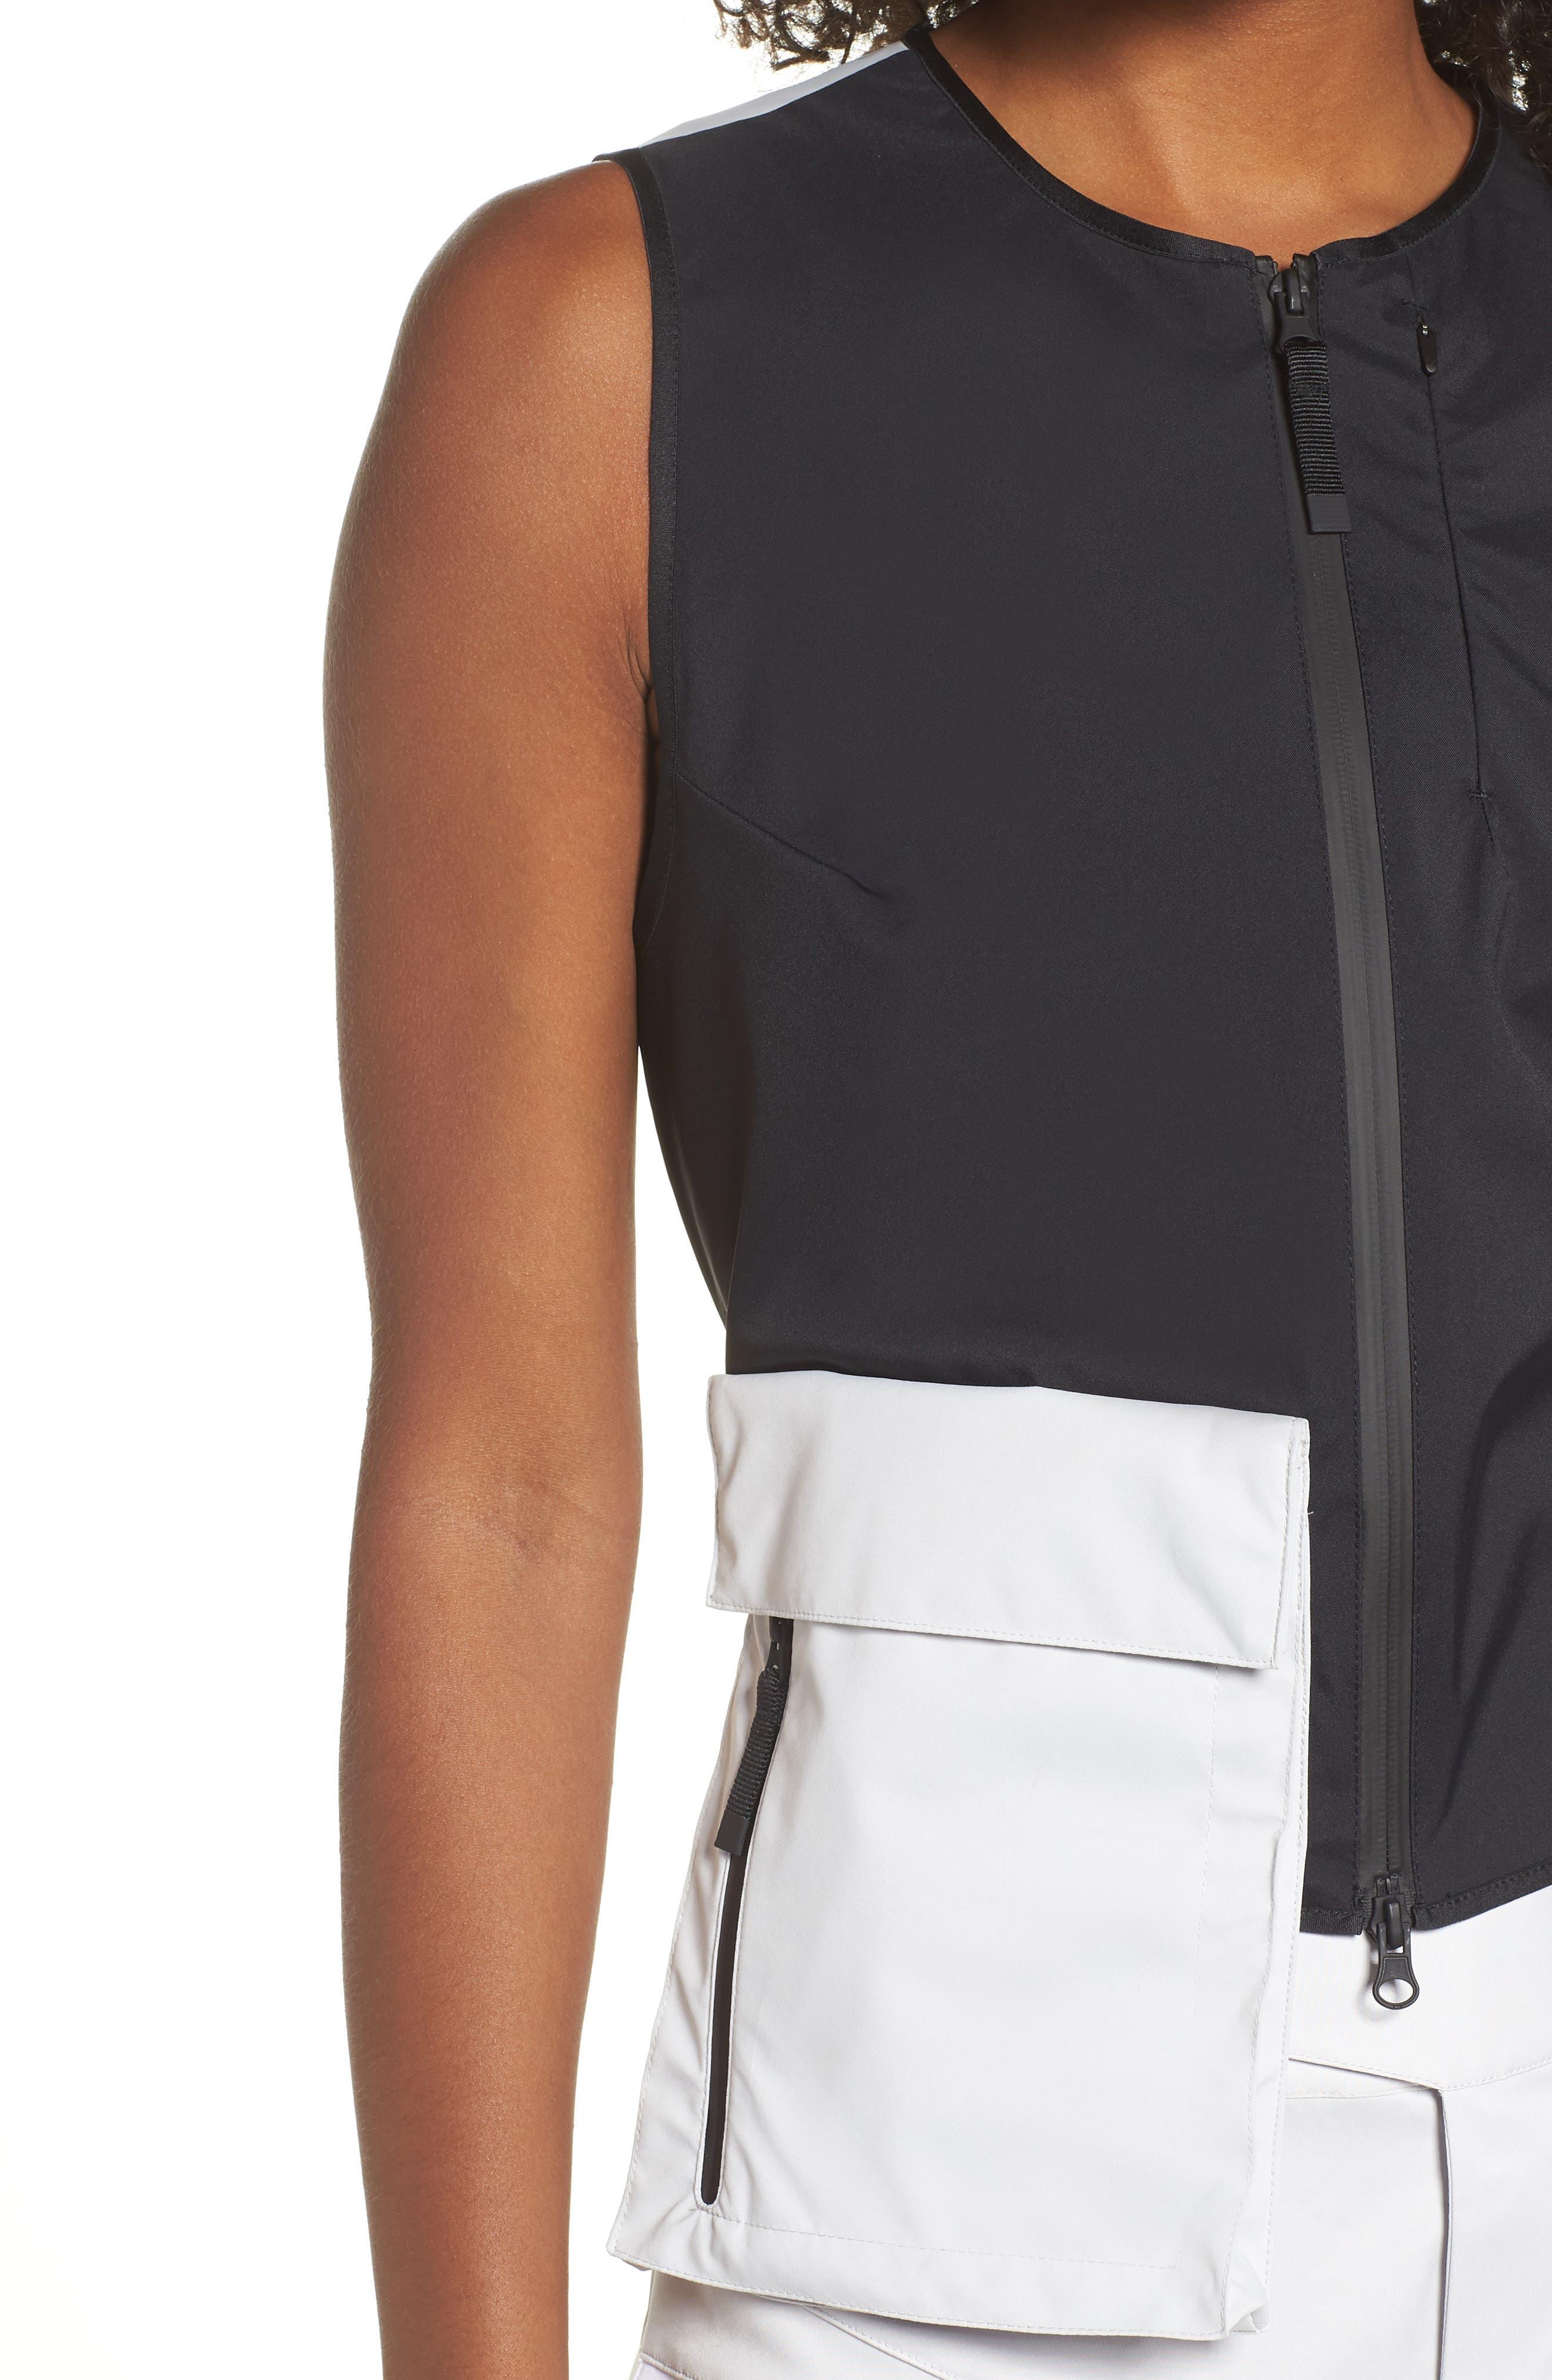 NRG Women's Utility Vest,                             Alternate thumbnail 4, color,                             BLACK/ VAPOR GREEN/ BLACK